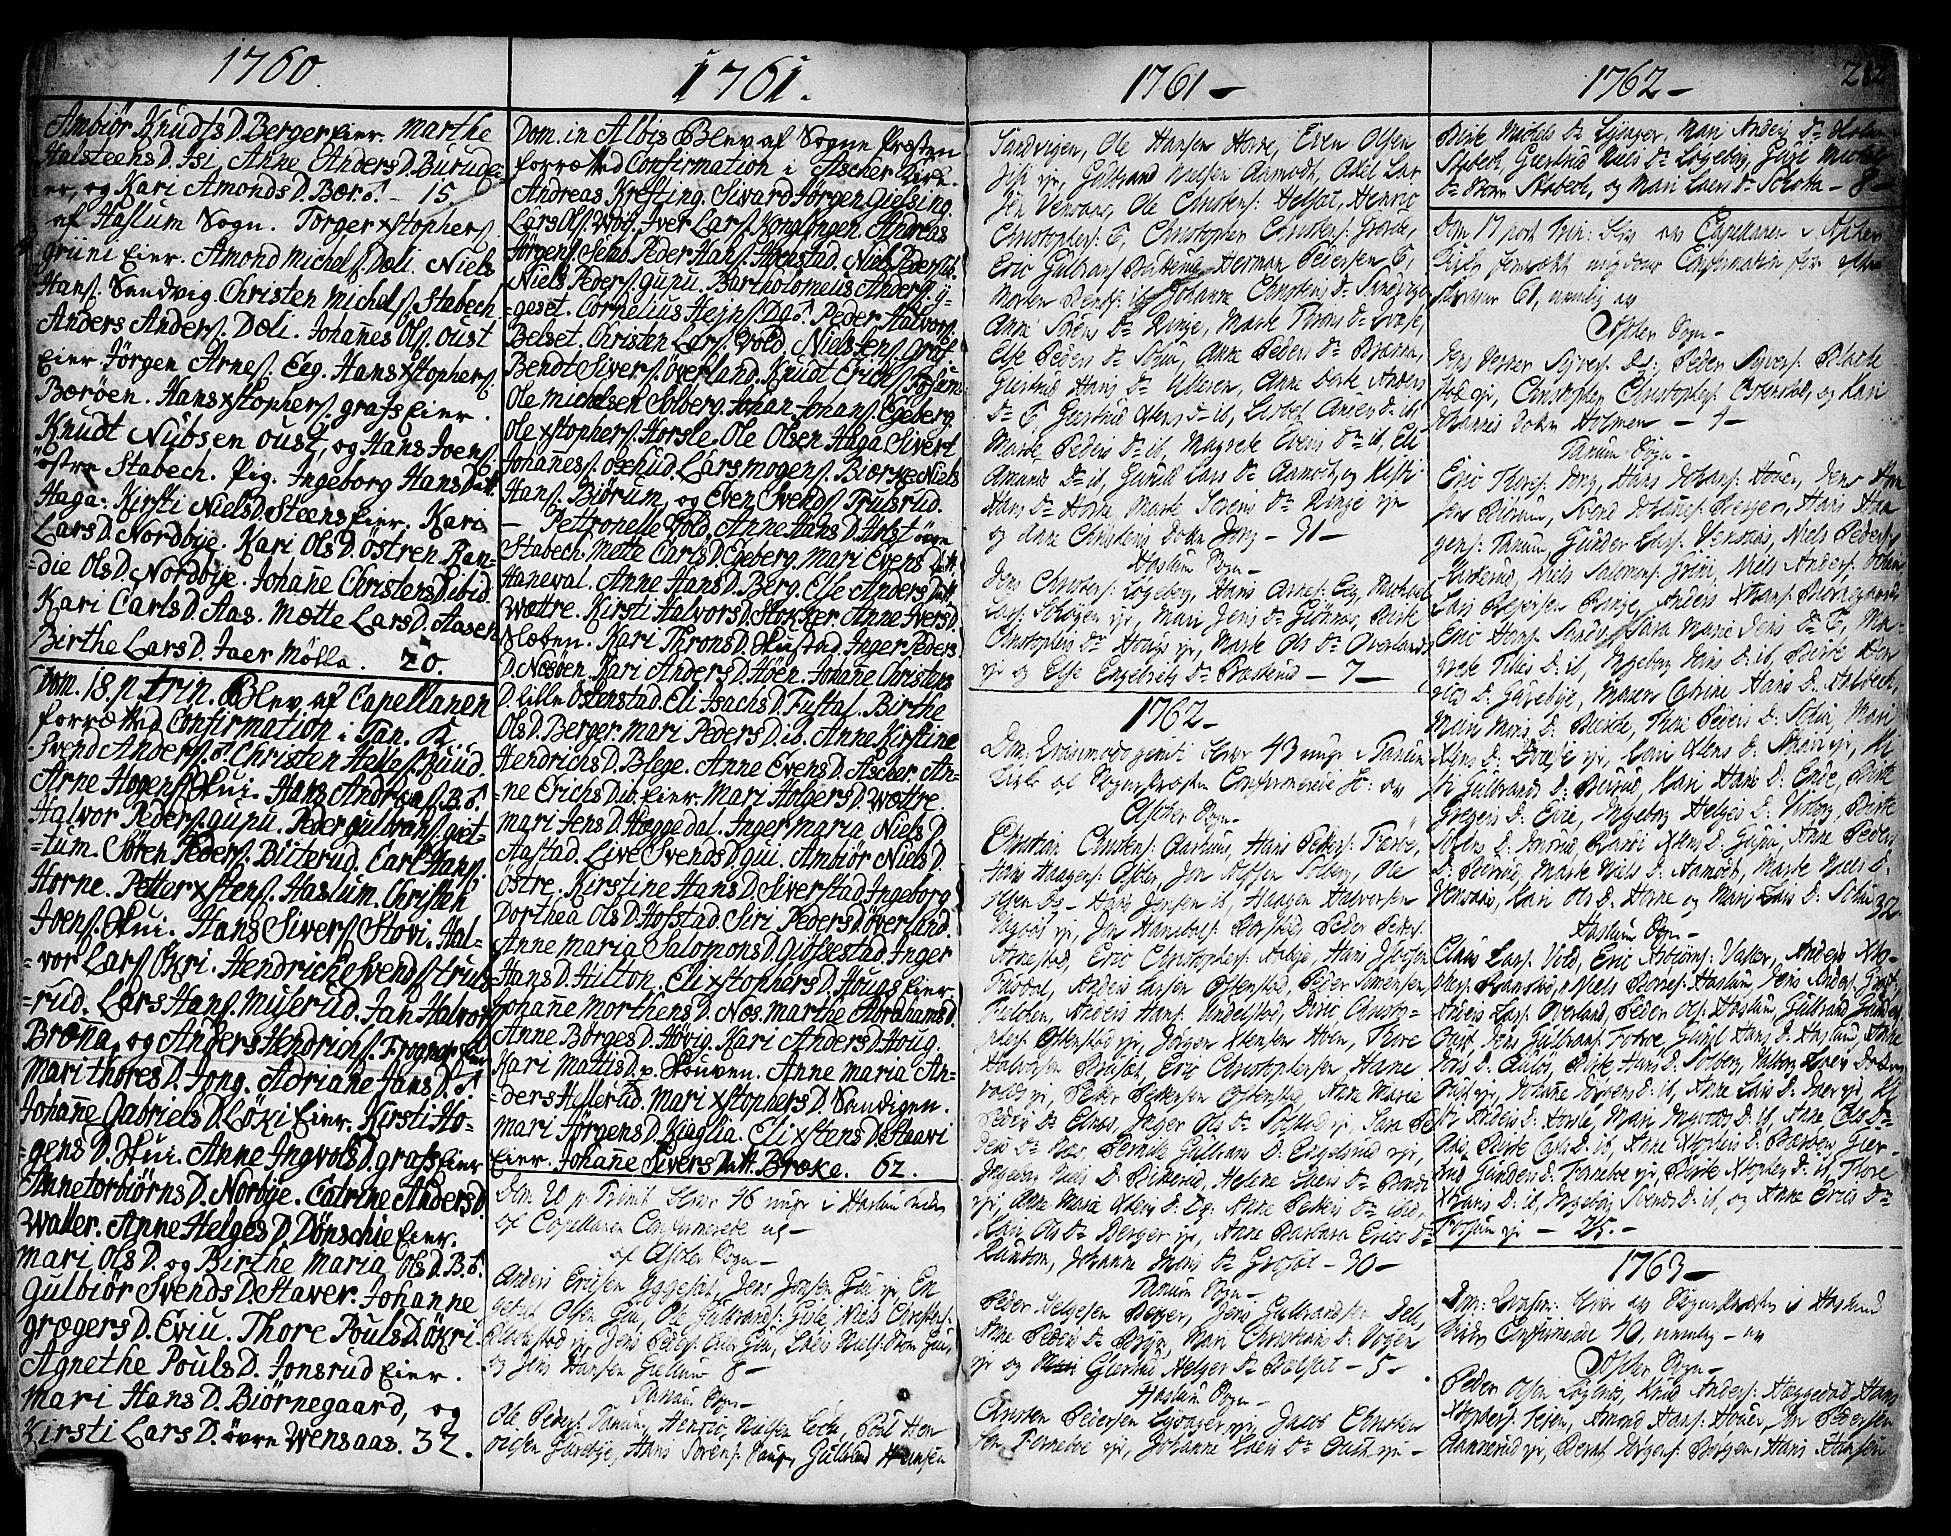 SAO, Asker prestekontor Kirkebøker, F/Fa/L0002: Ministerialbok nr. I 2, 1733-1766, s. 282